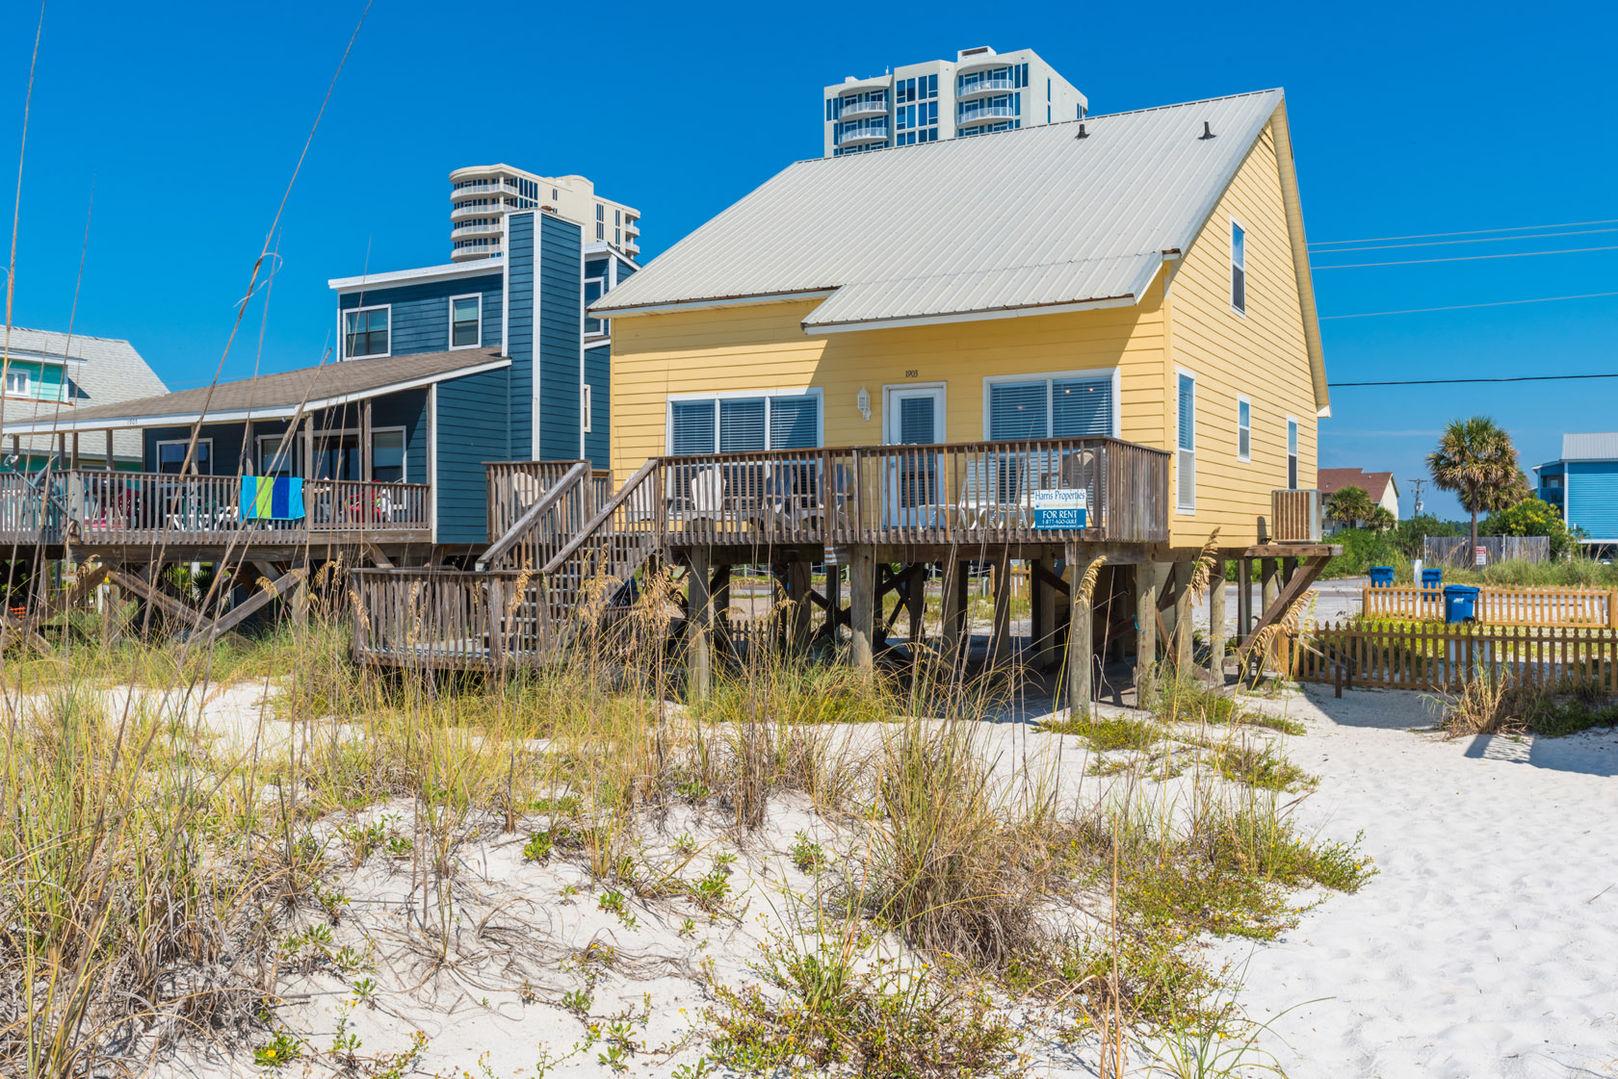 Vacation Rentals In Gulf Shores Or Orange Beach